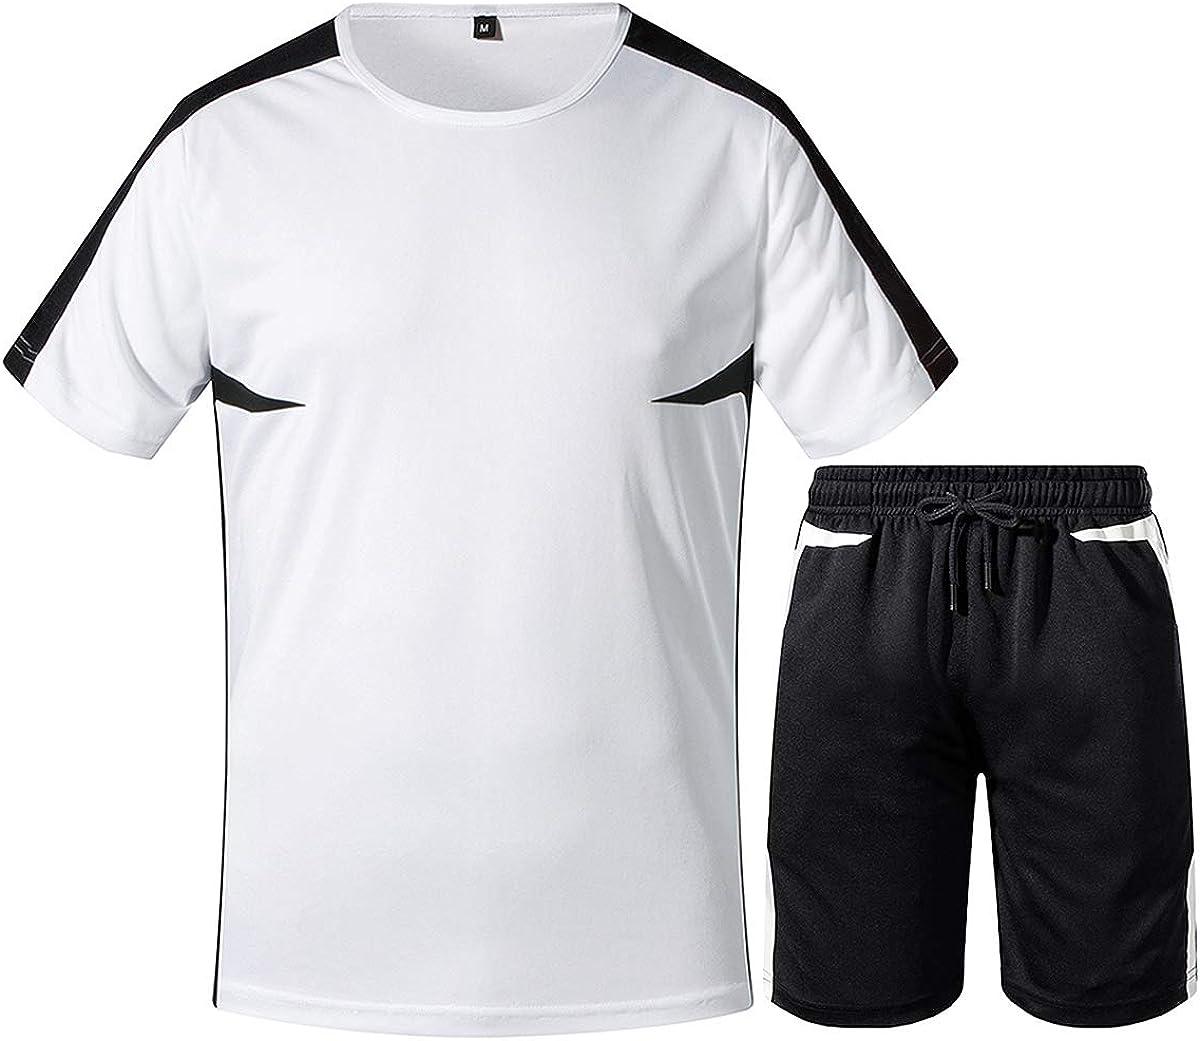 Aibrou Ropa Deportiva Ch/ándales para Hombre Camisa Mangas Cortas Pantalon Chandales Hombre Cortos Conjunto Chandal Hombre Verano Gym Correr Trotar Caminar